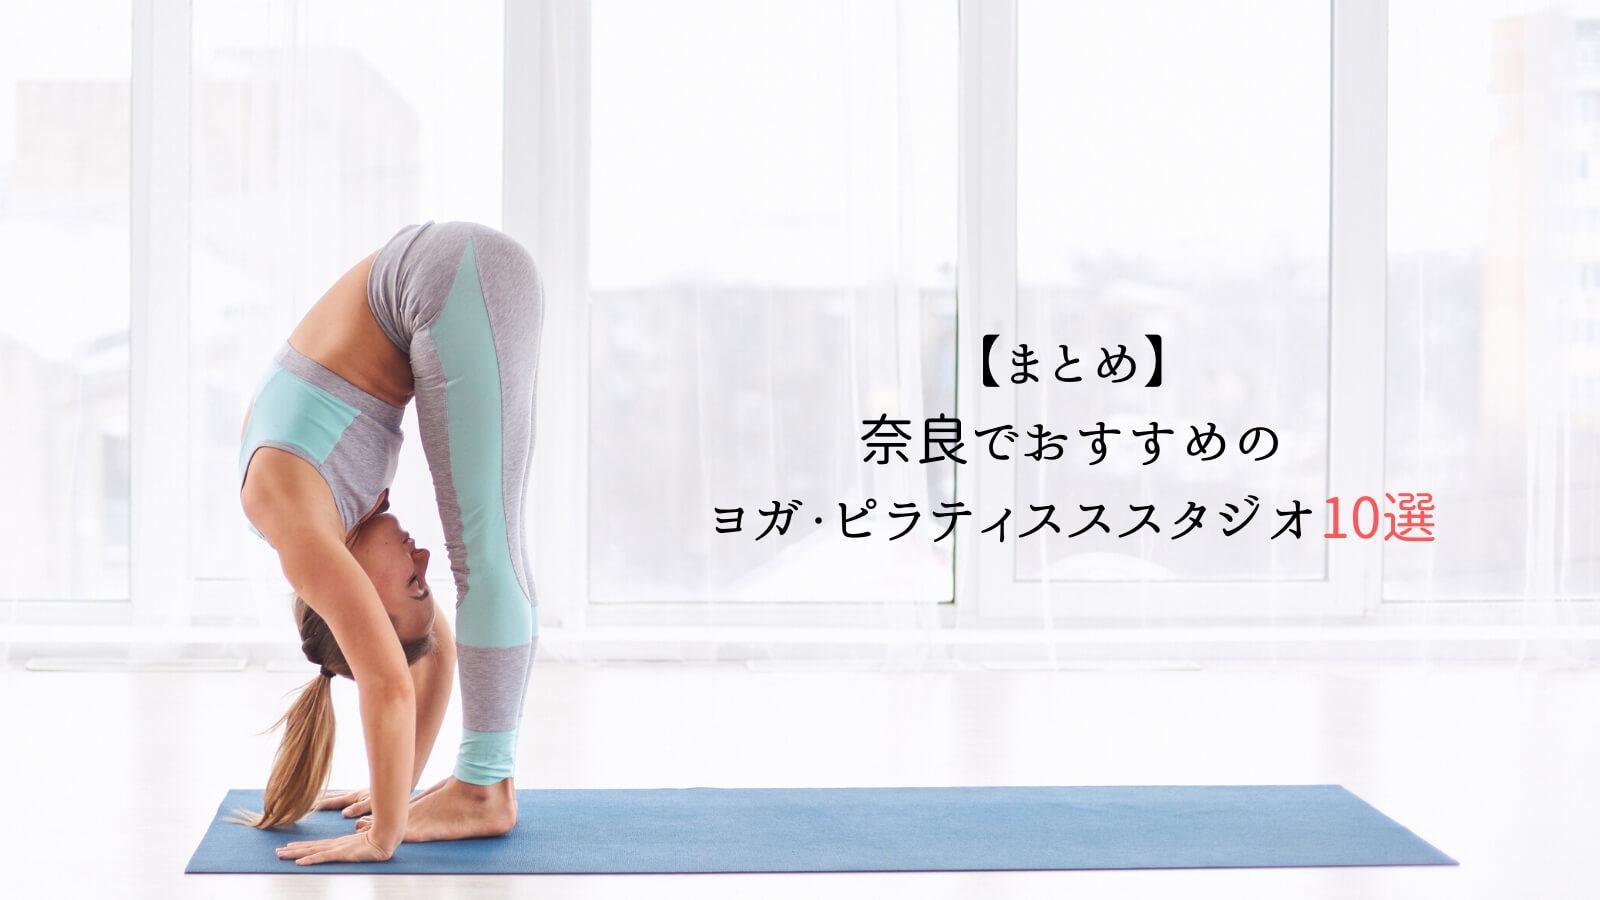 【まとめ】奈良でおすすめのヨガ・ピラティススタジオ10選